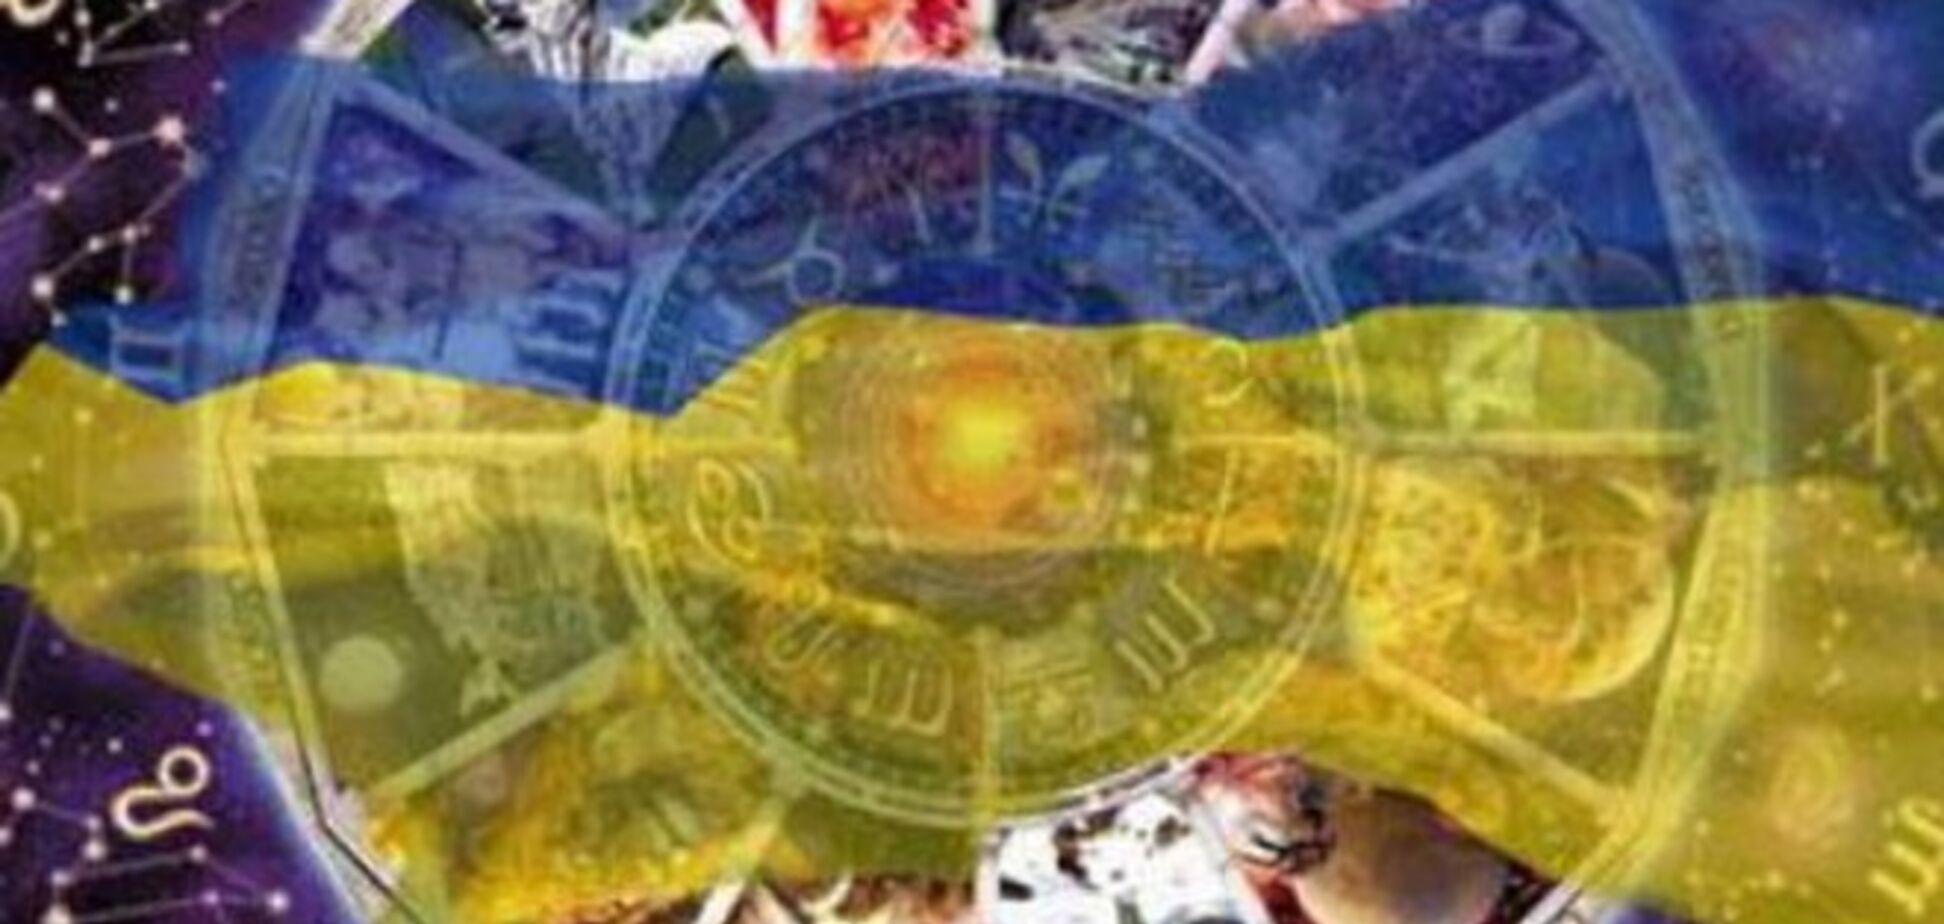 Что ожидает Украину. Гороскоп на 2015 год от астролога Влада Росса